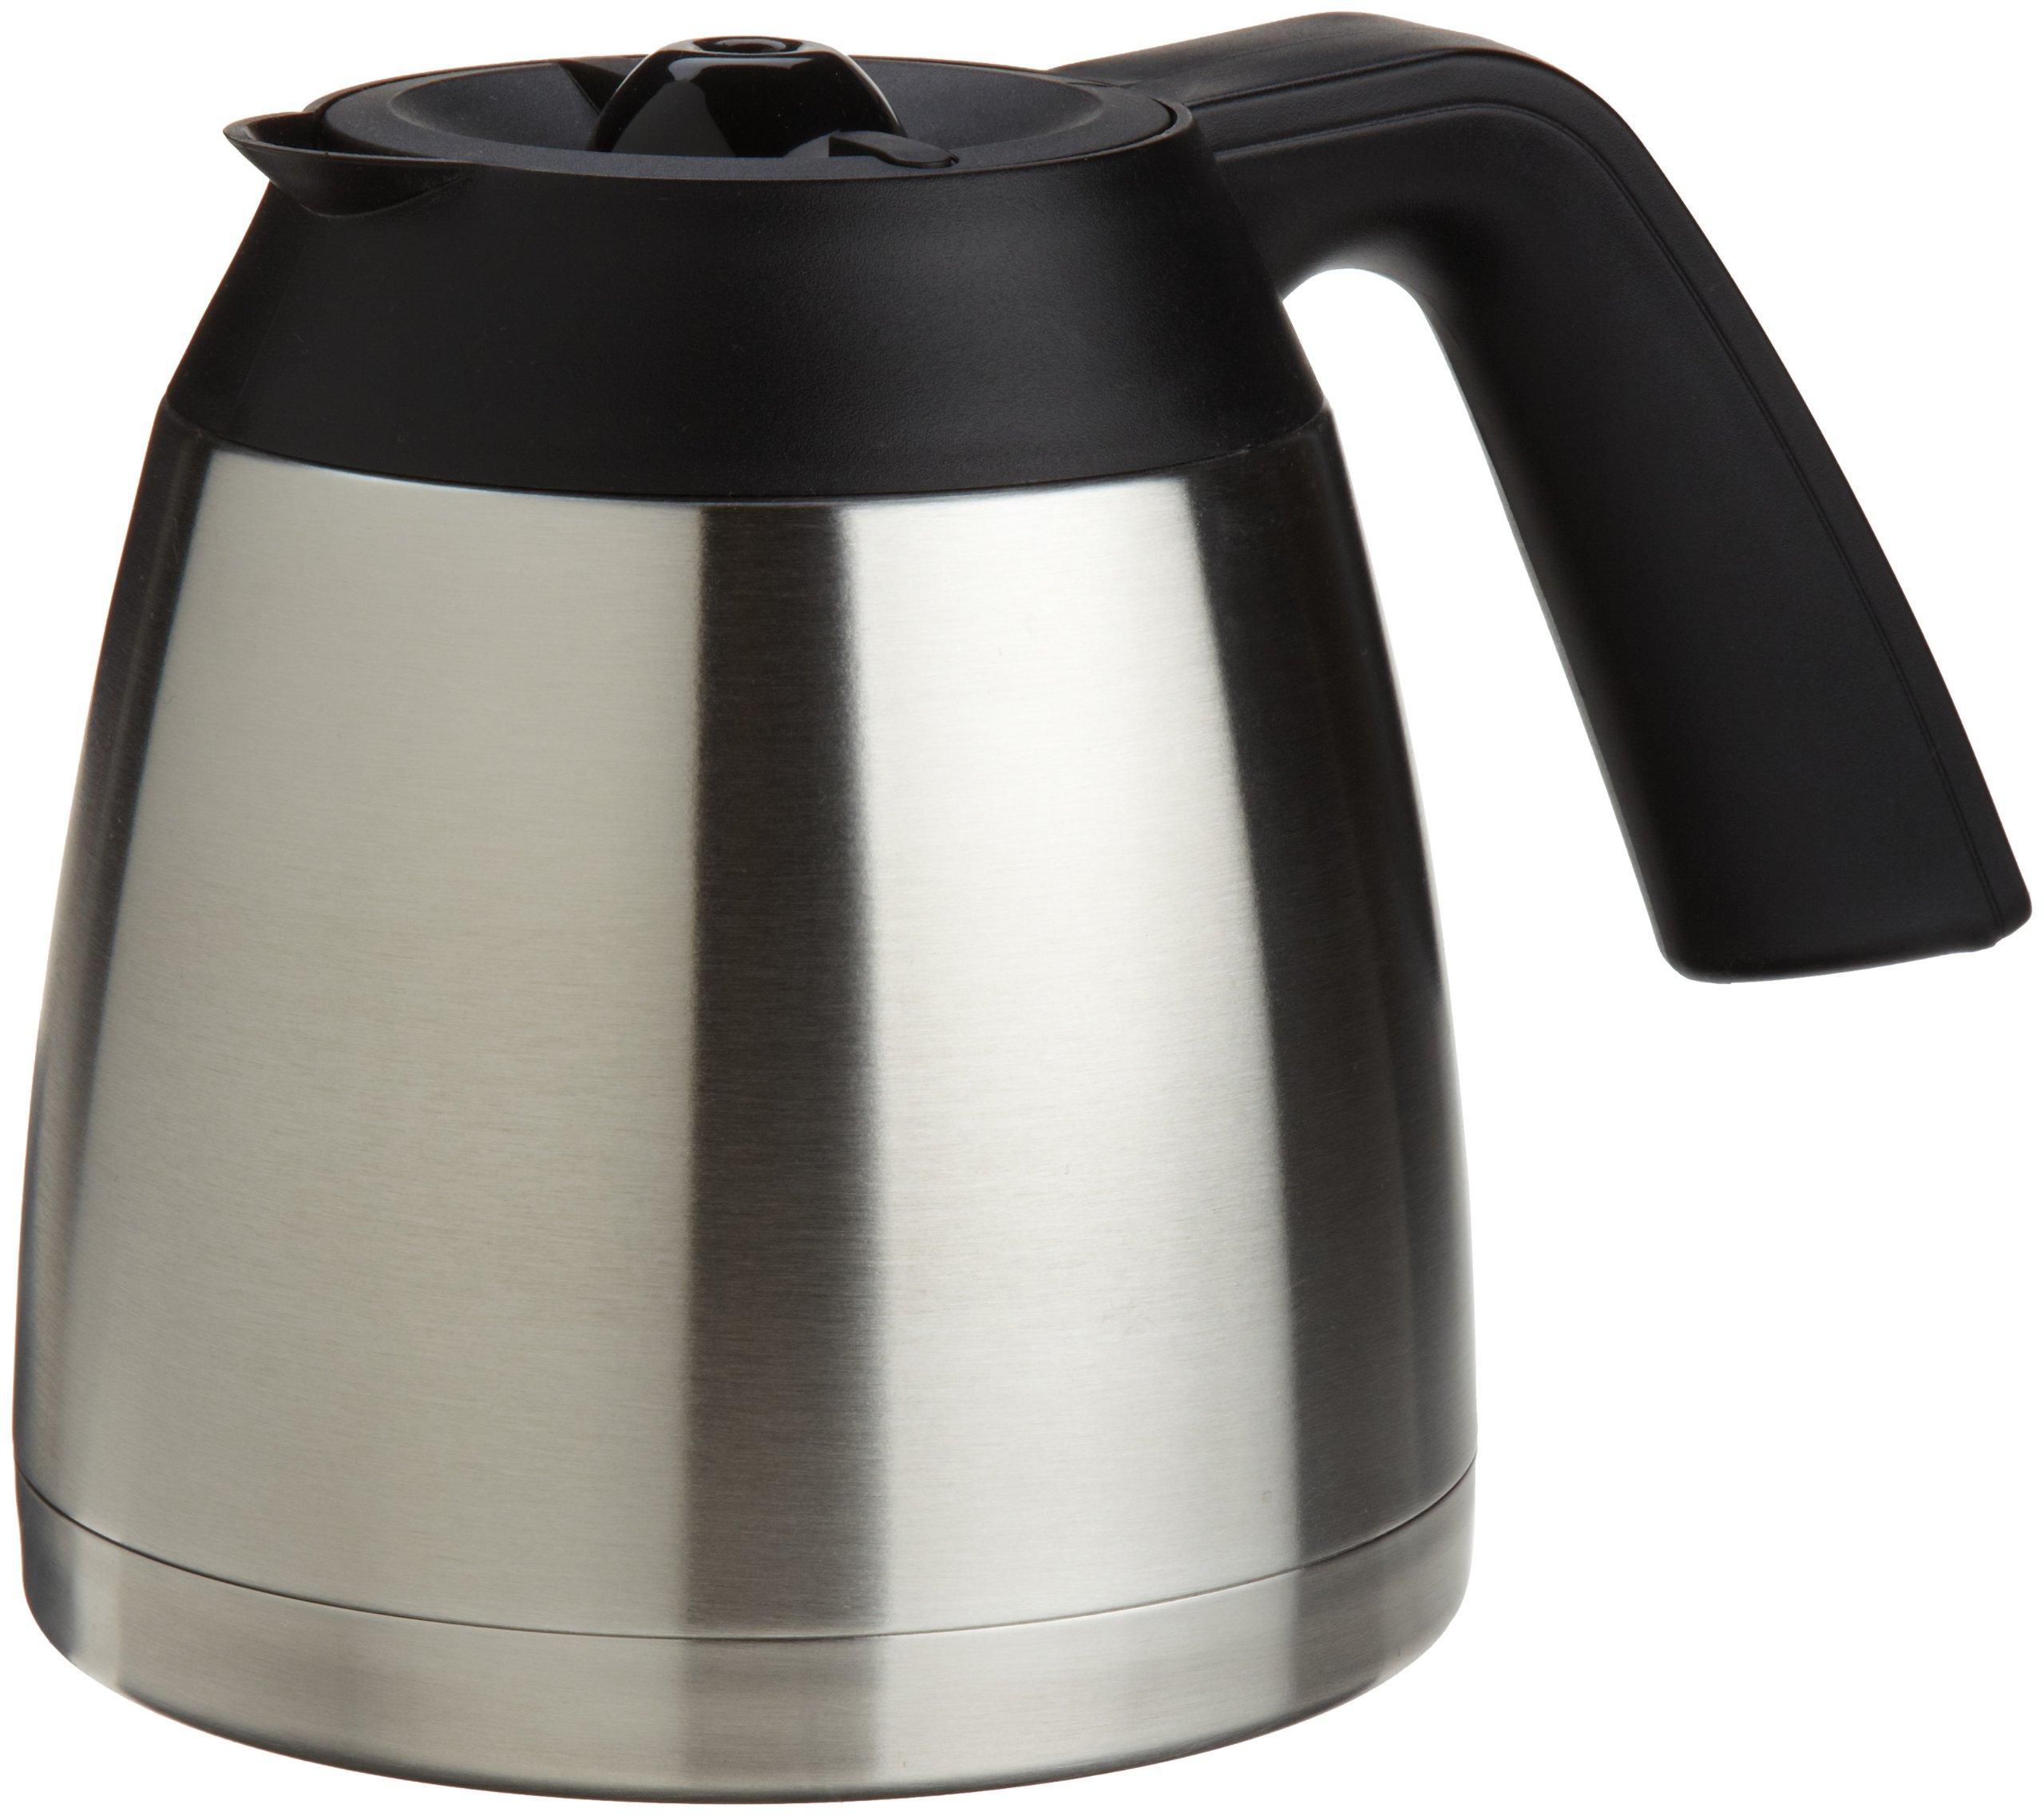 Capresso 4445.05 444.05 Carafe, 10 cup, Black by Capresso